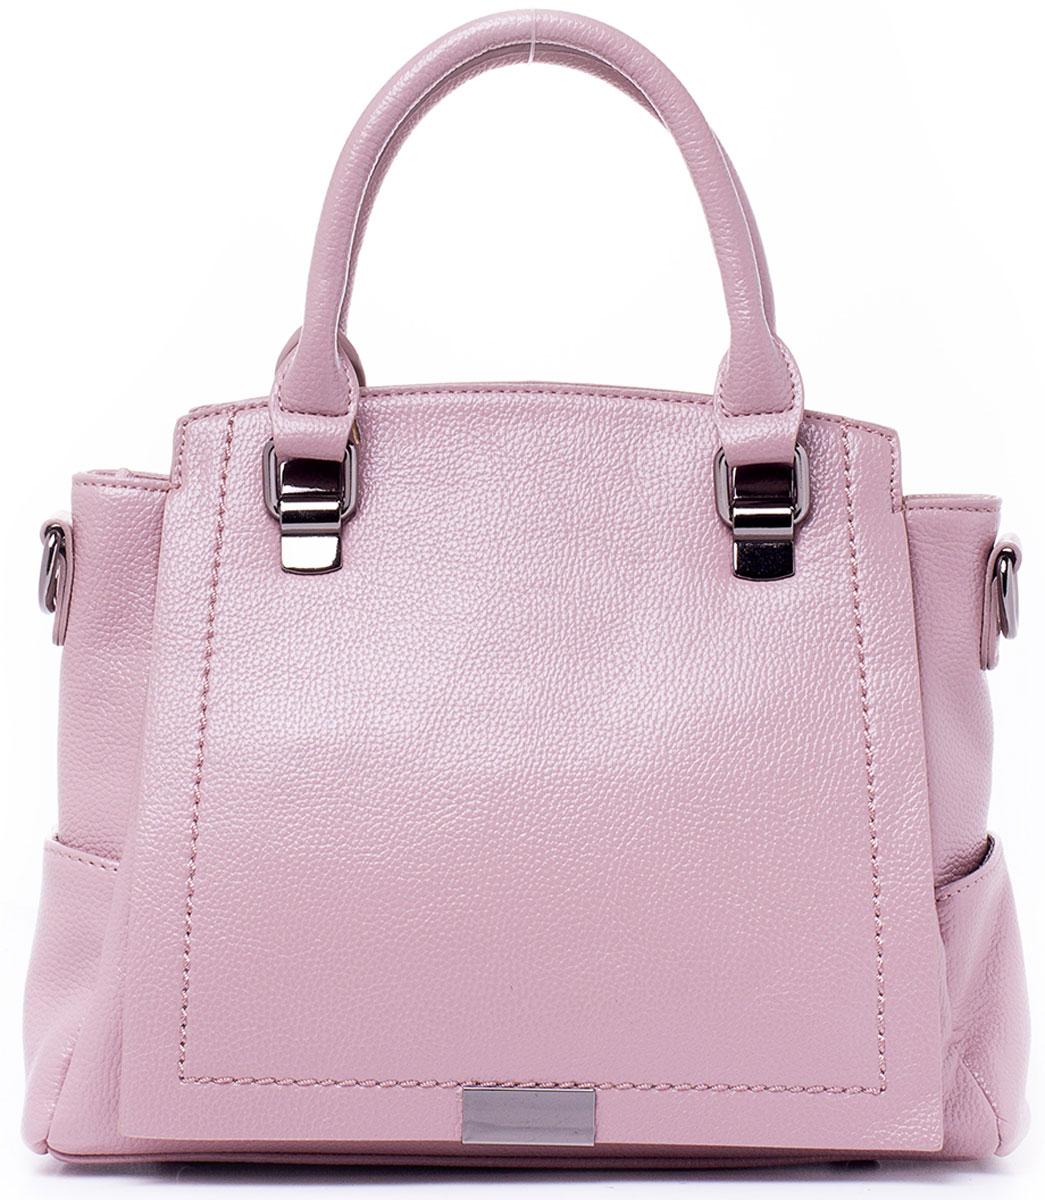 Сумка женская Baggini, цвет: розовый. 29843/6329843/63